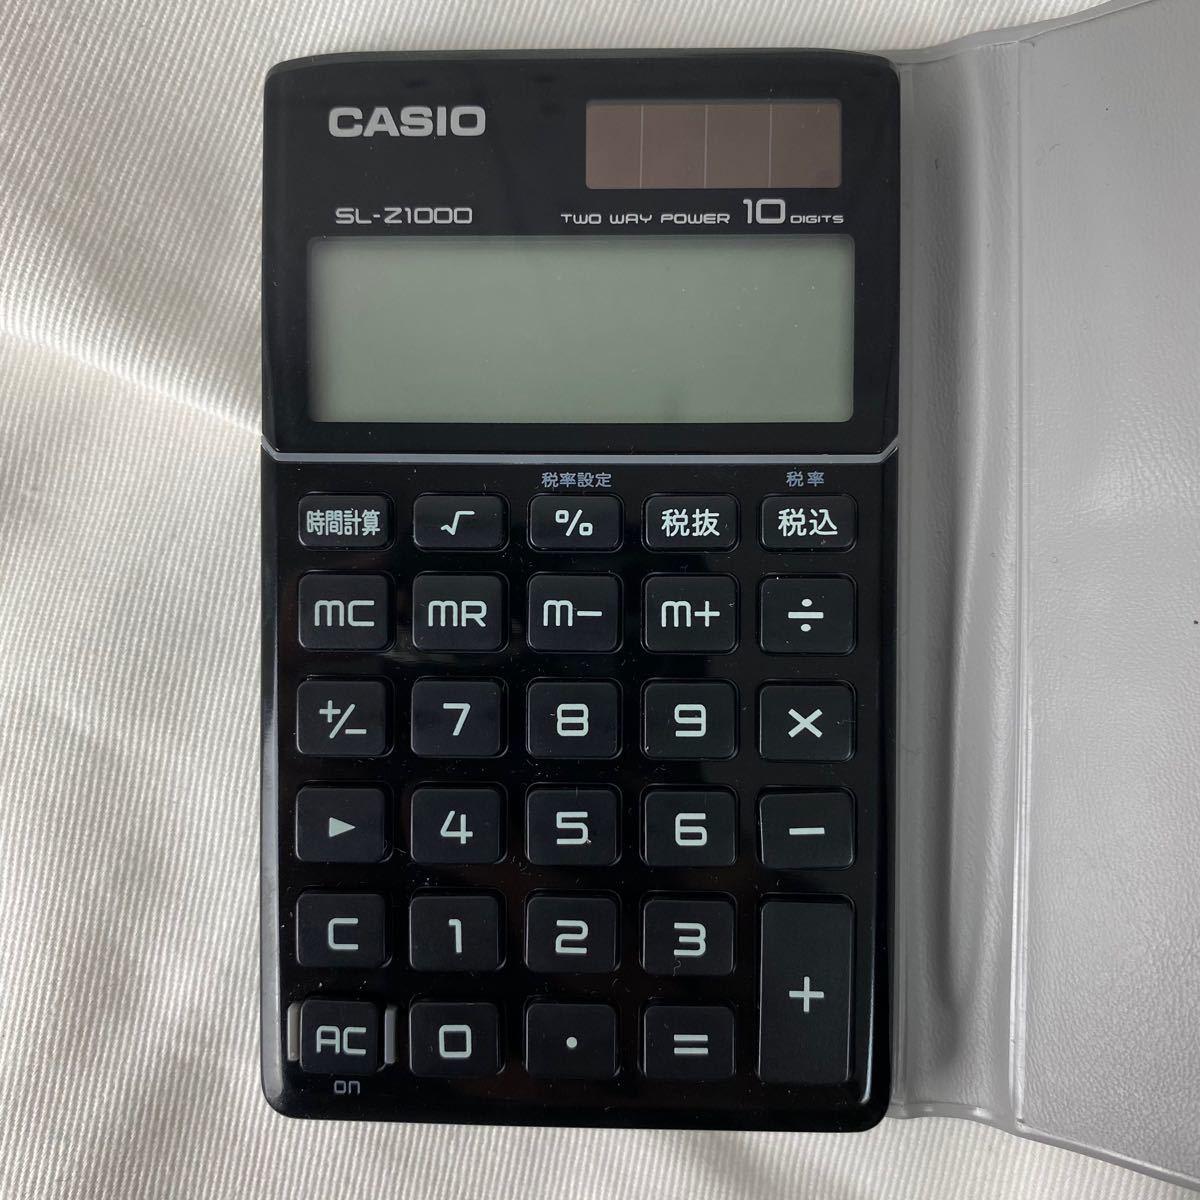 カシオ CASIO 電卓 カシオ電卓